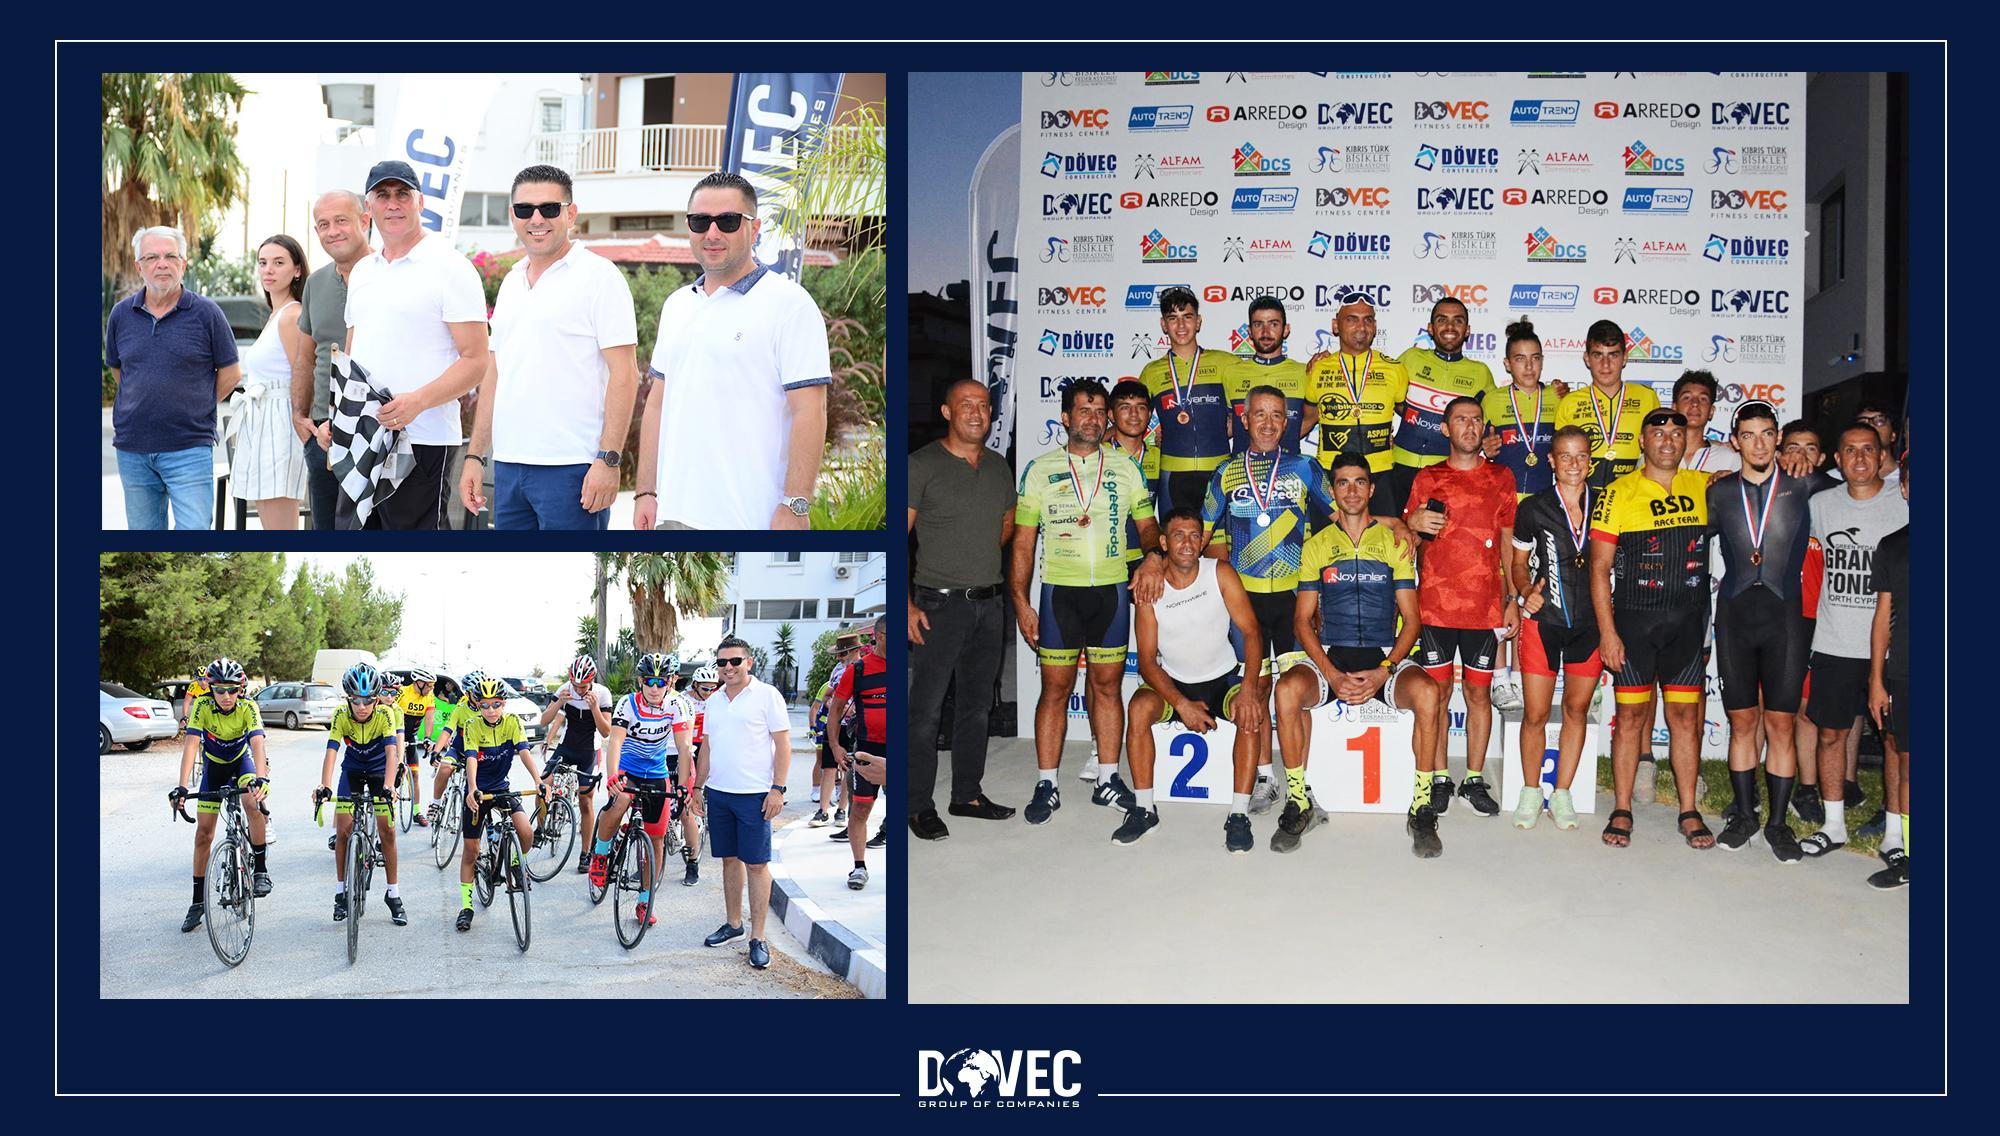 """İskele Kriteryum yarışı """"Döveç Group"""" sponsorluğunda gerçekleştirildi"""